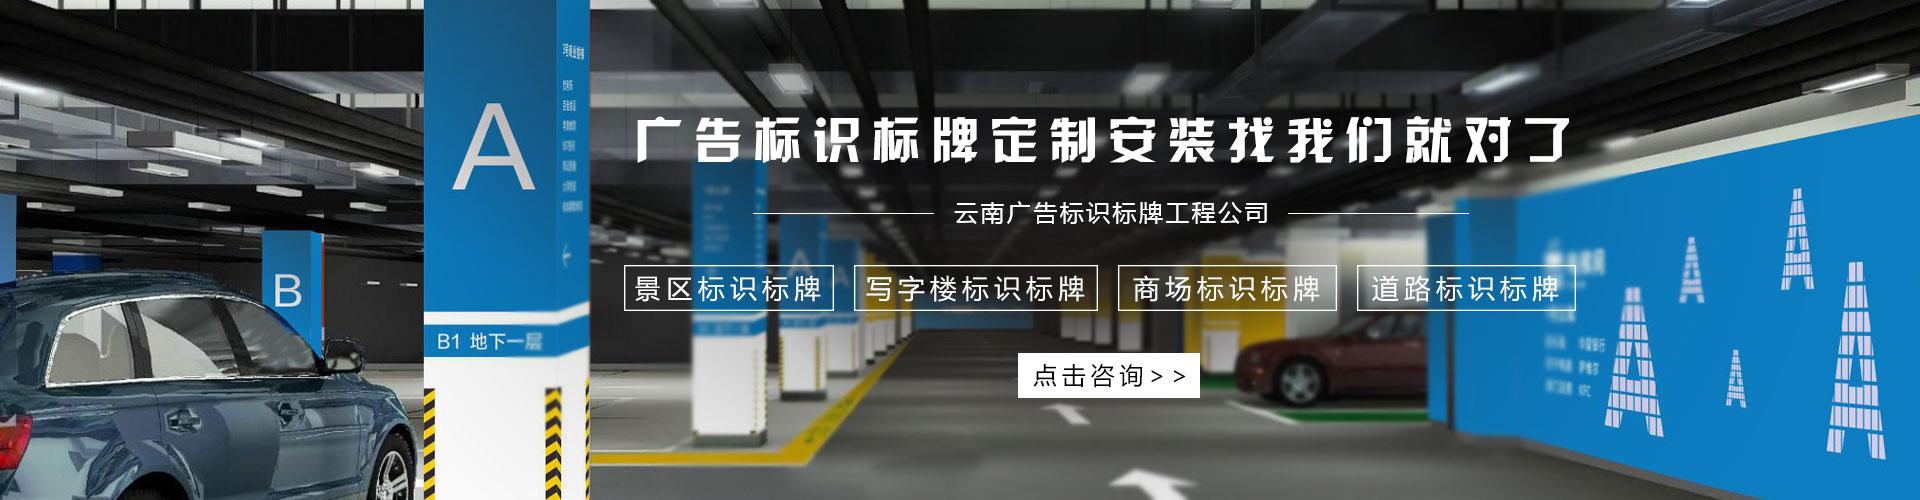 昆明新万博里约manbetx系统设计制作公司